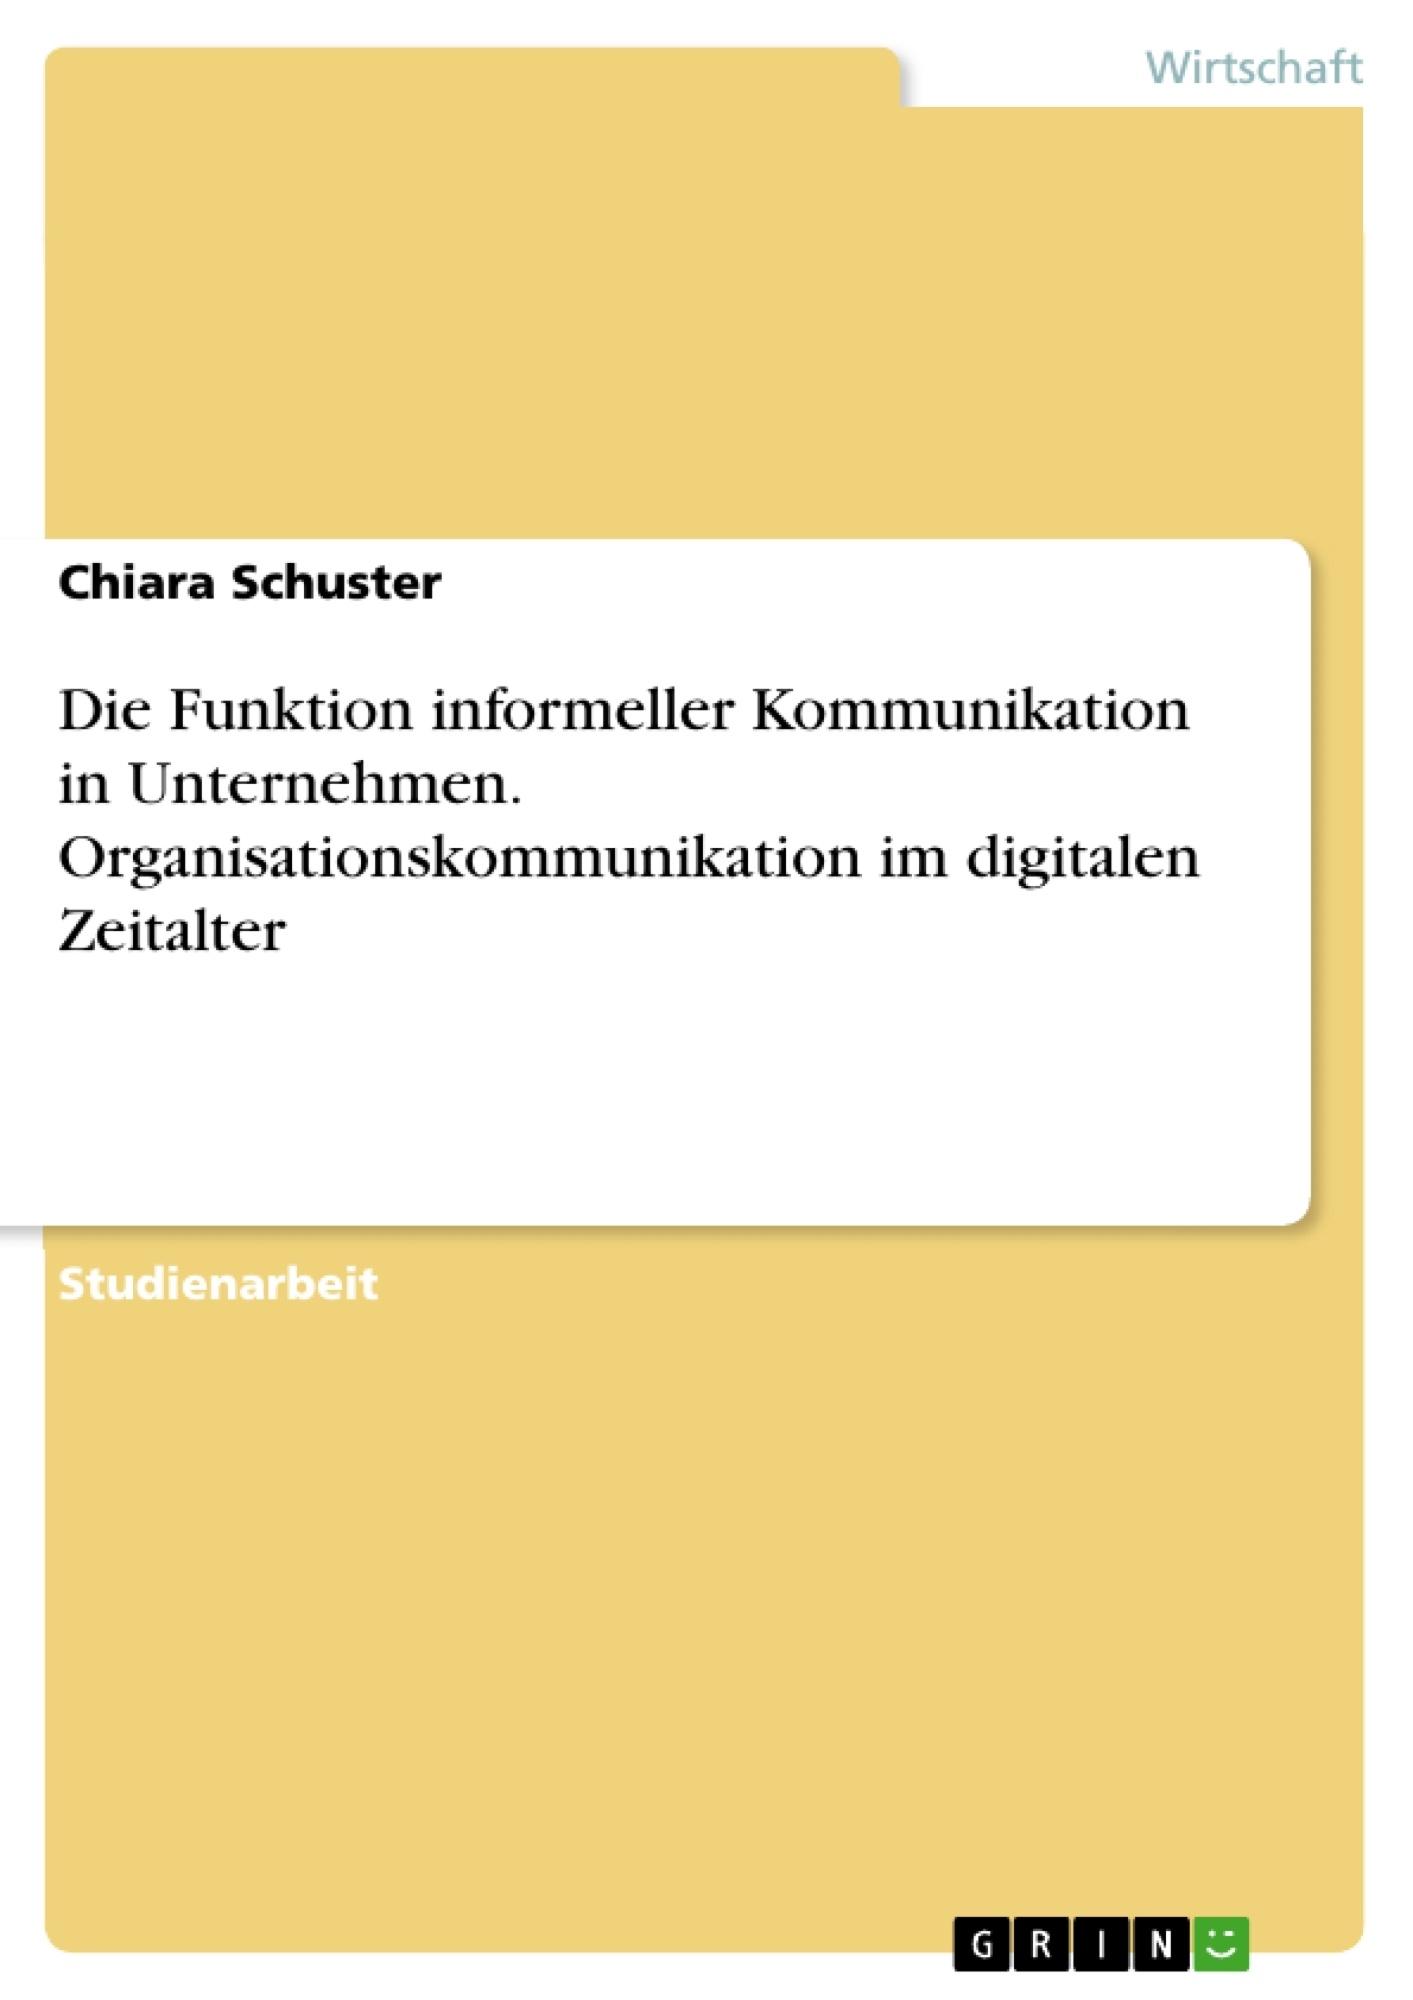 Titel: Die Funktion informeller Kommunikation in Unternehmen. Organisationskommunikation im digitalen Zeitalter